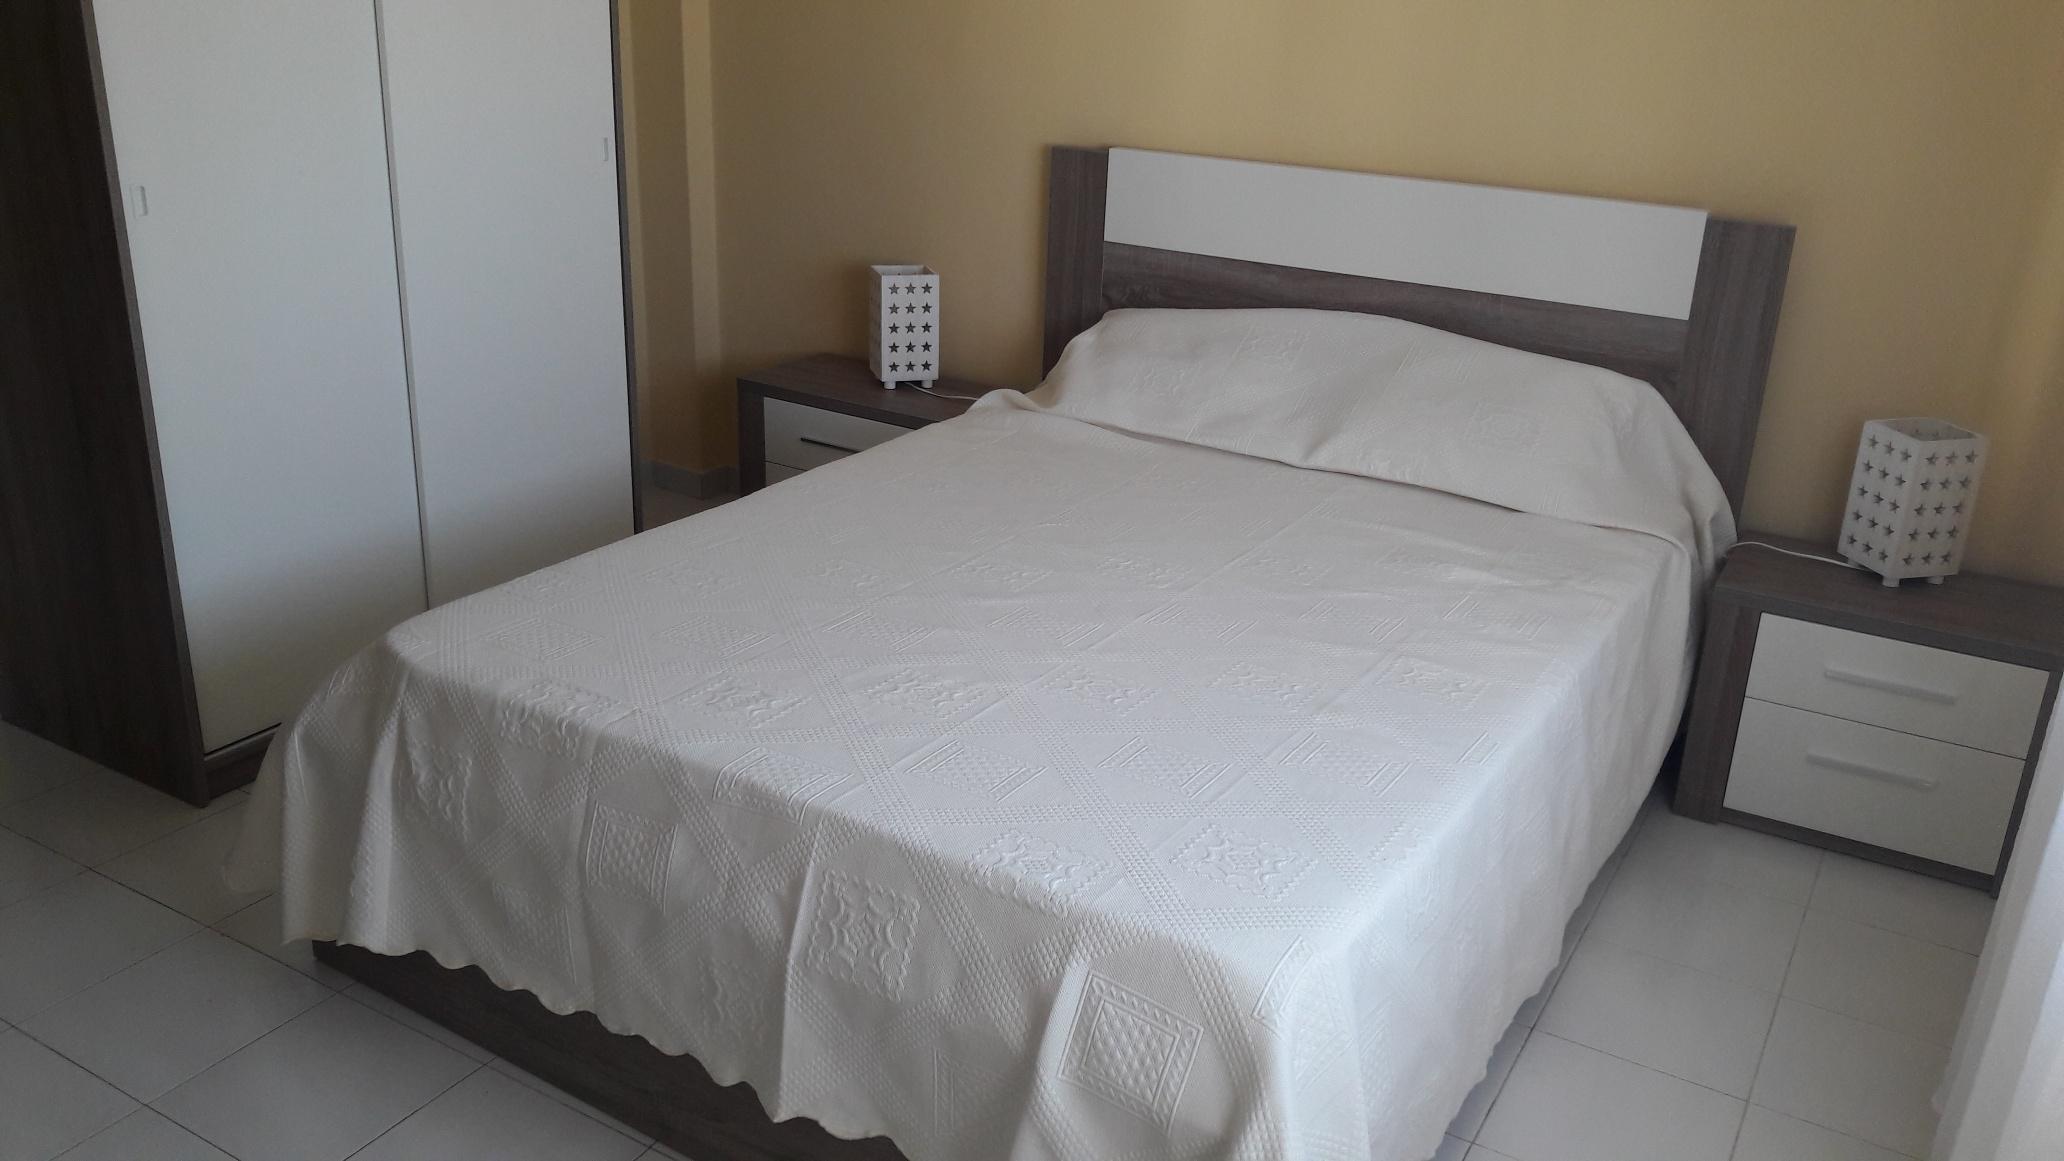 Location appartements et villas de vacance, appartement  a quarteira à Quarteira, Portugal Algarve, REF_IMG_8360_8361